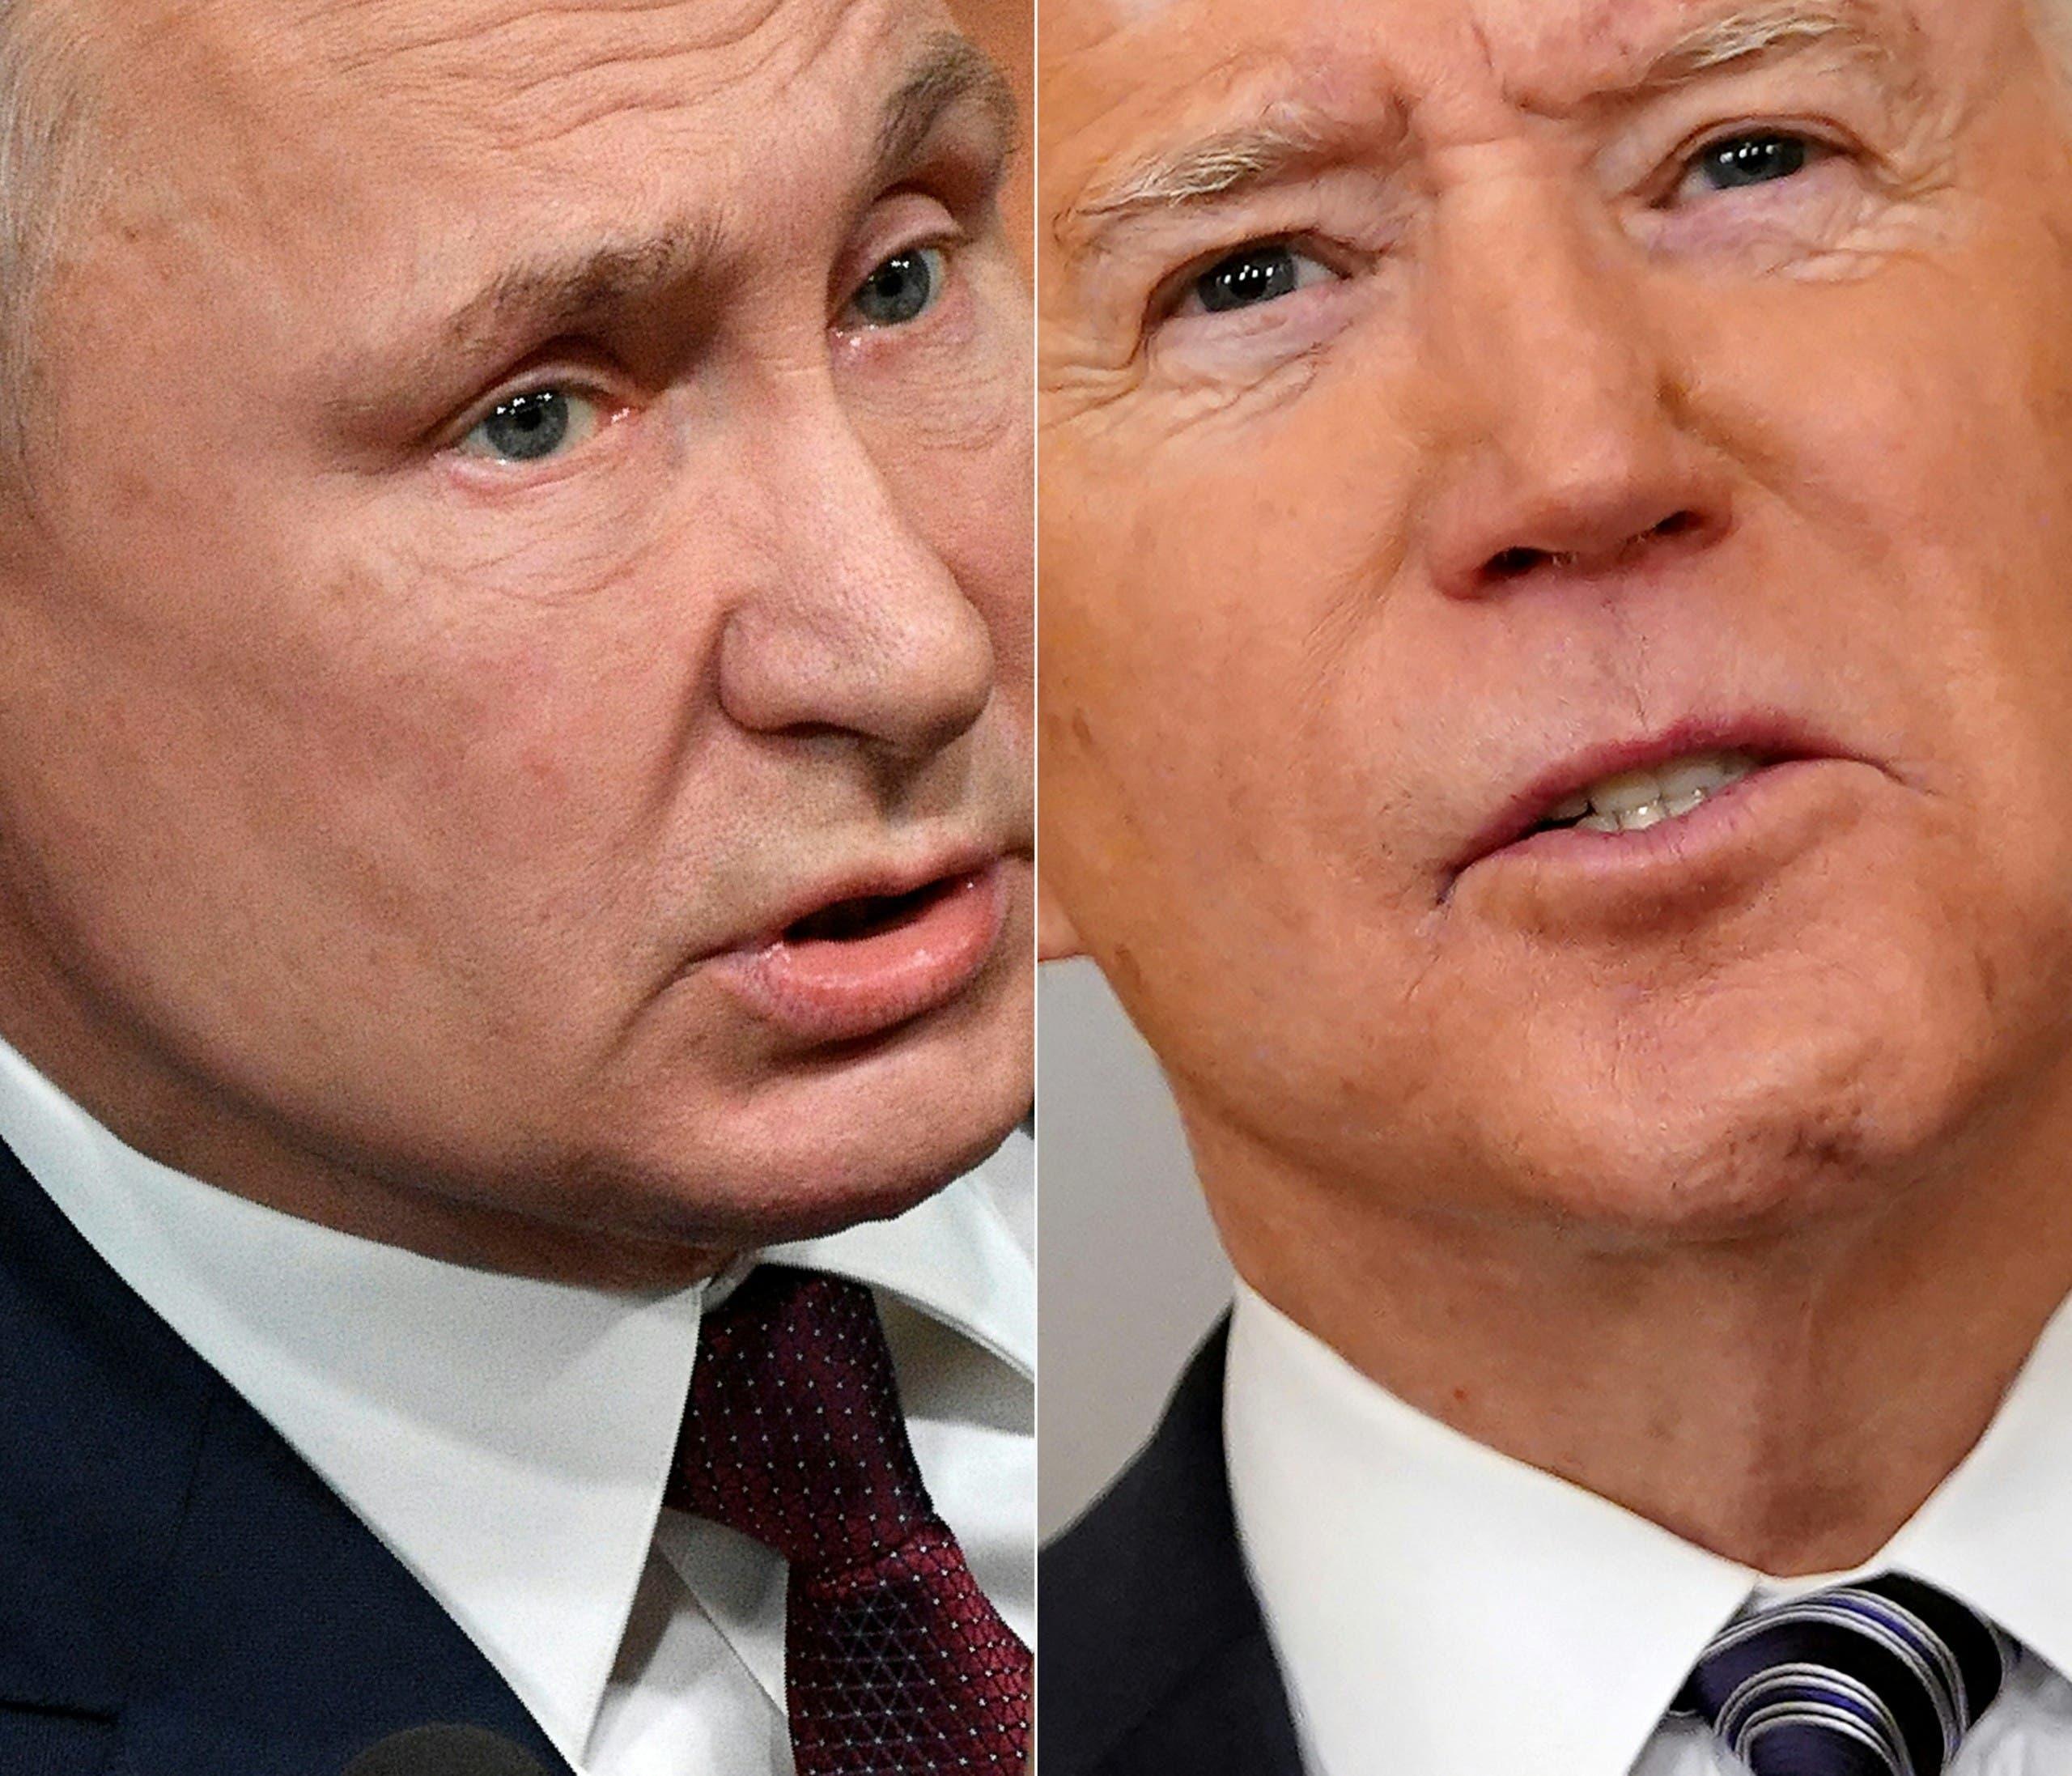 الرئيس الأميركي جو بايدن ونظيره الروسي فلاديمير بوتين (أرشيفية- فرانس برس)